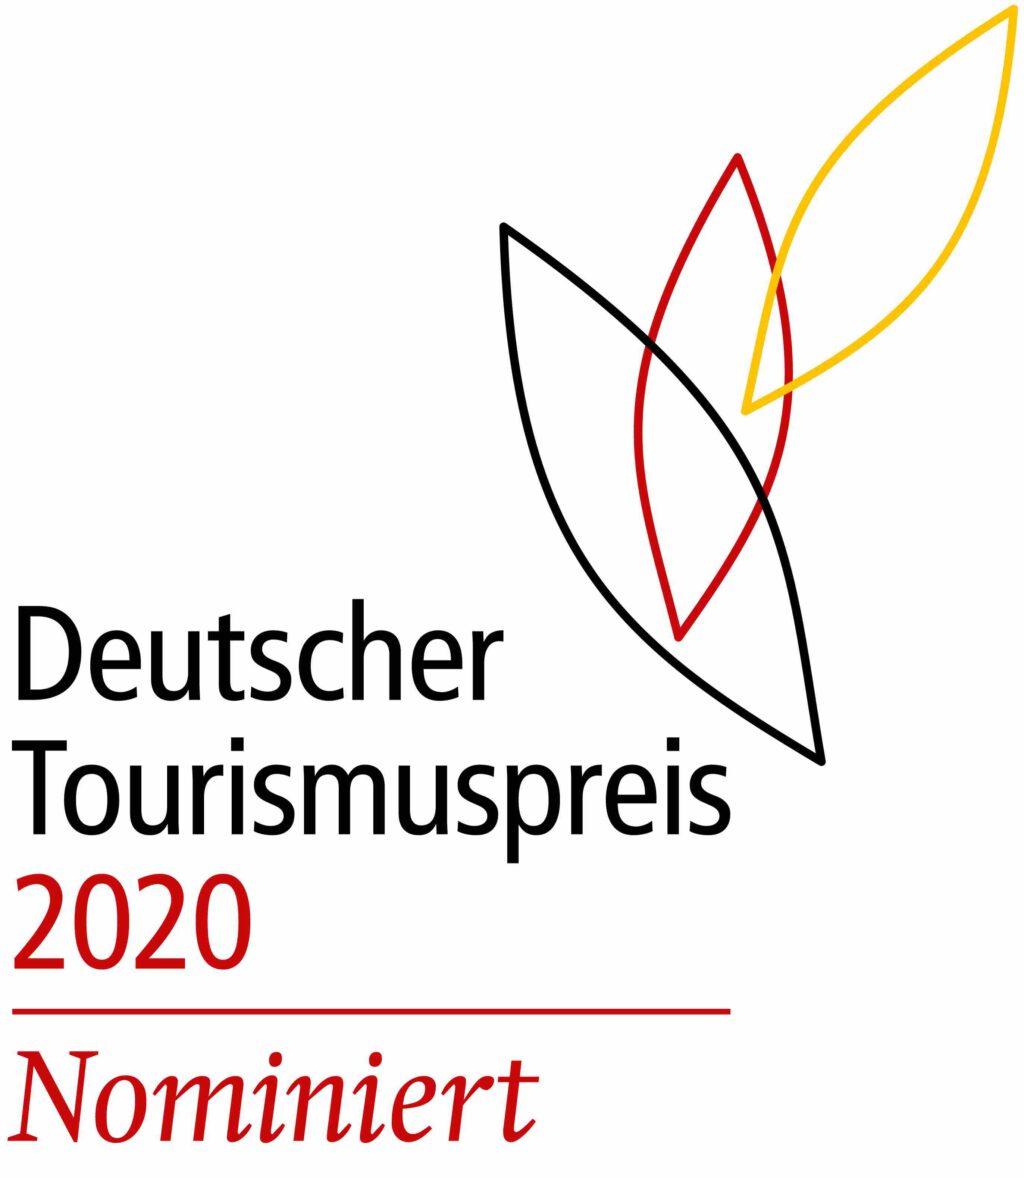 Logo zur Nominierung zum Deutschen Tourismuspreis